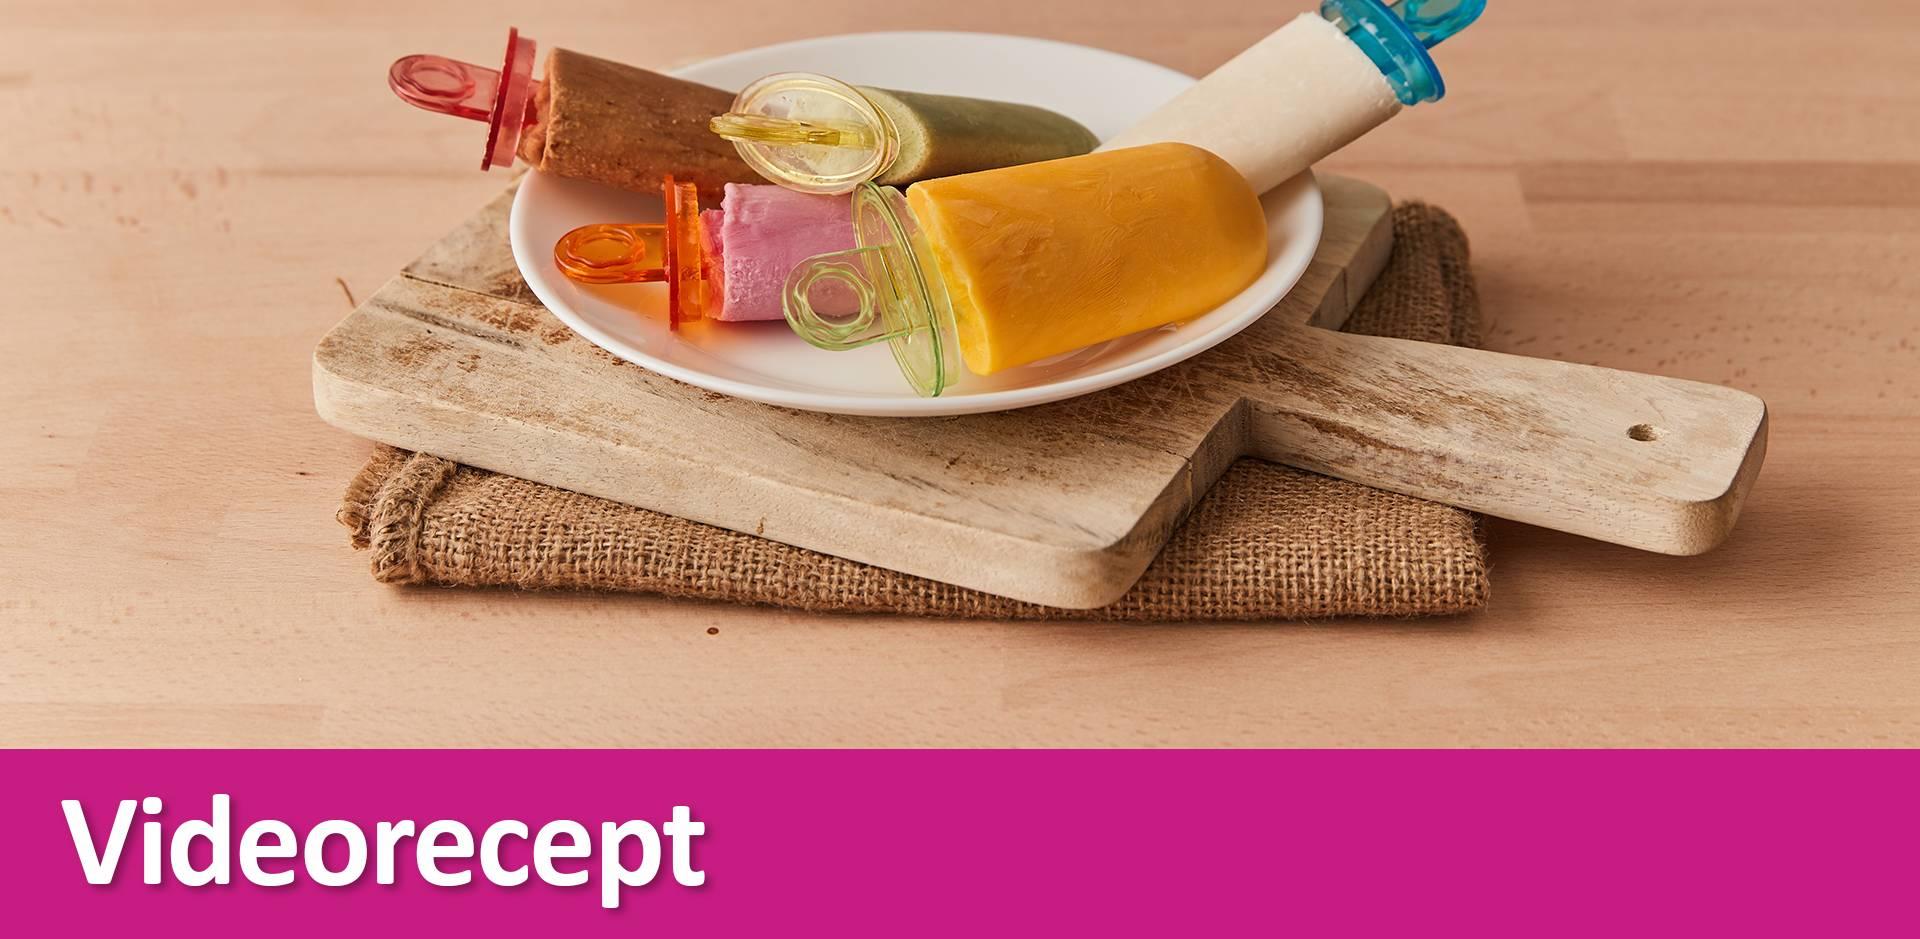 Sladké osvěžení - to je domácí proteinová zmrzlina